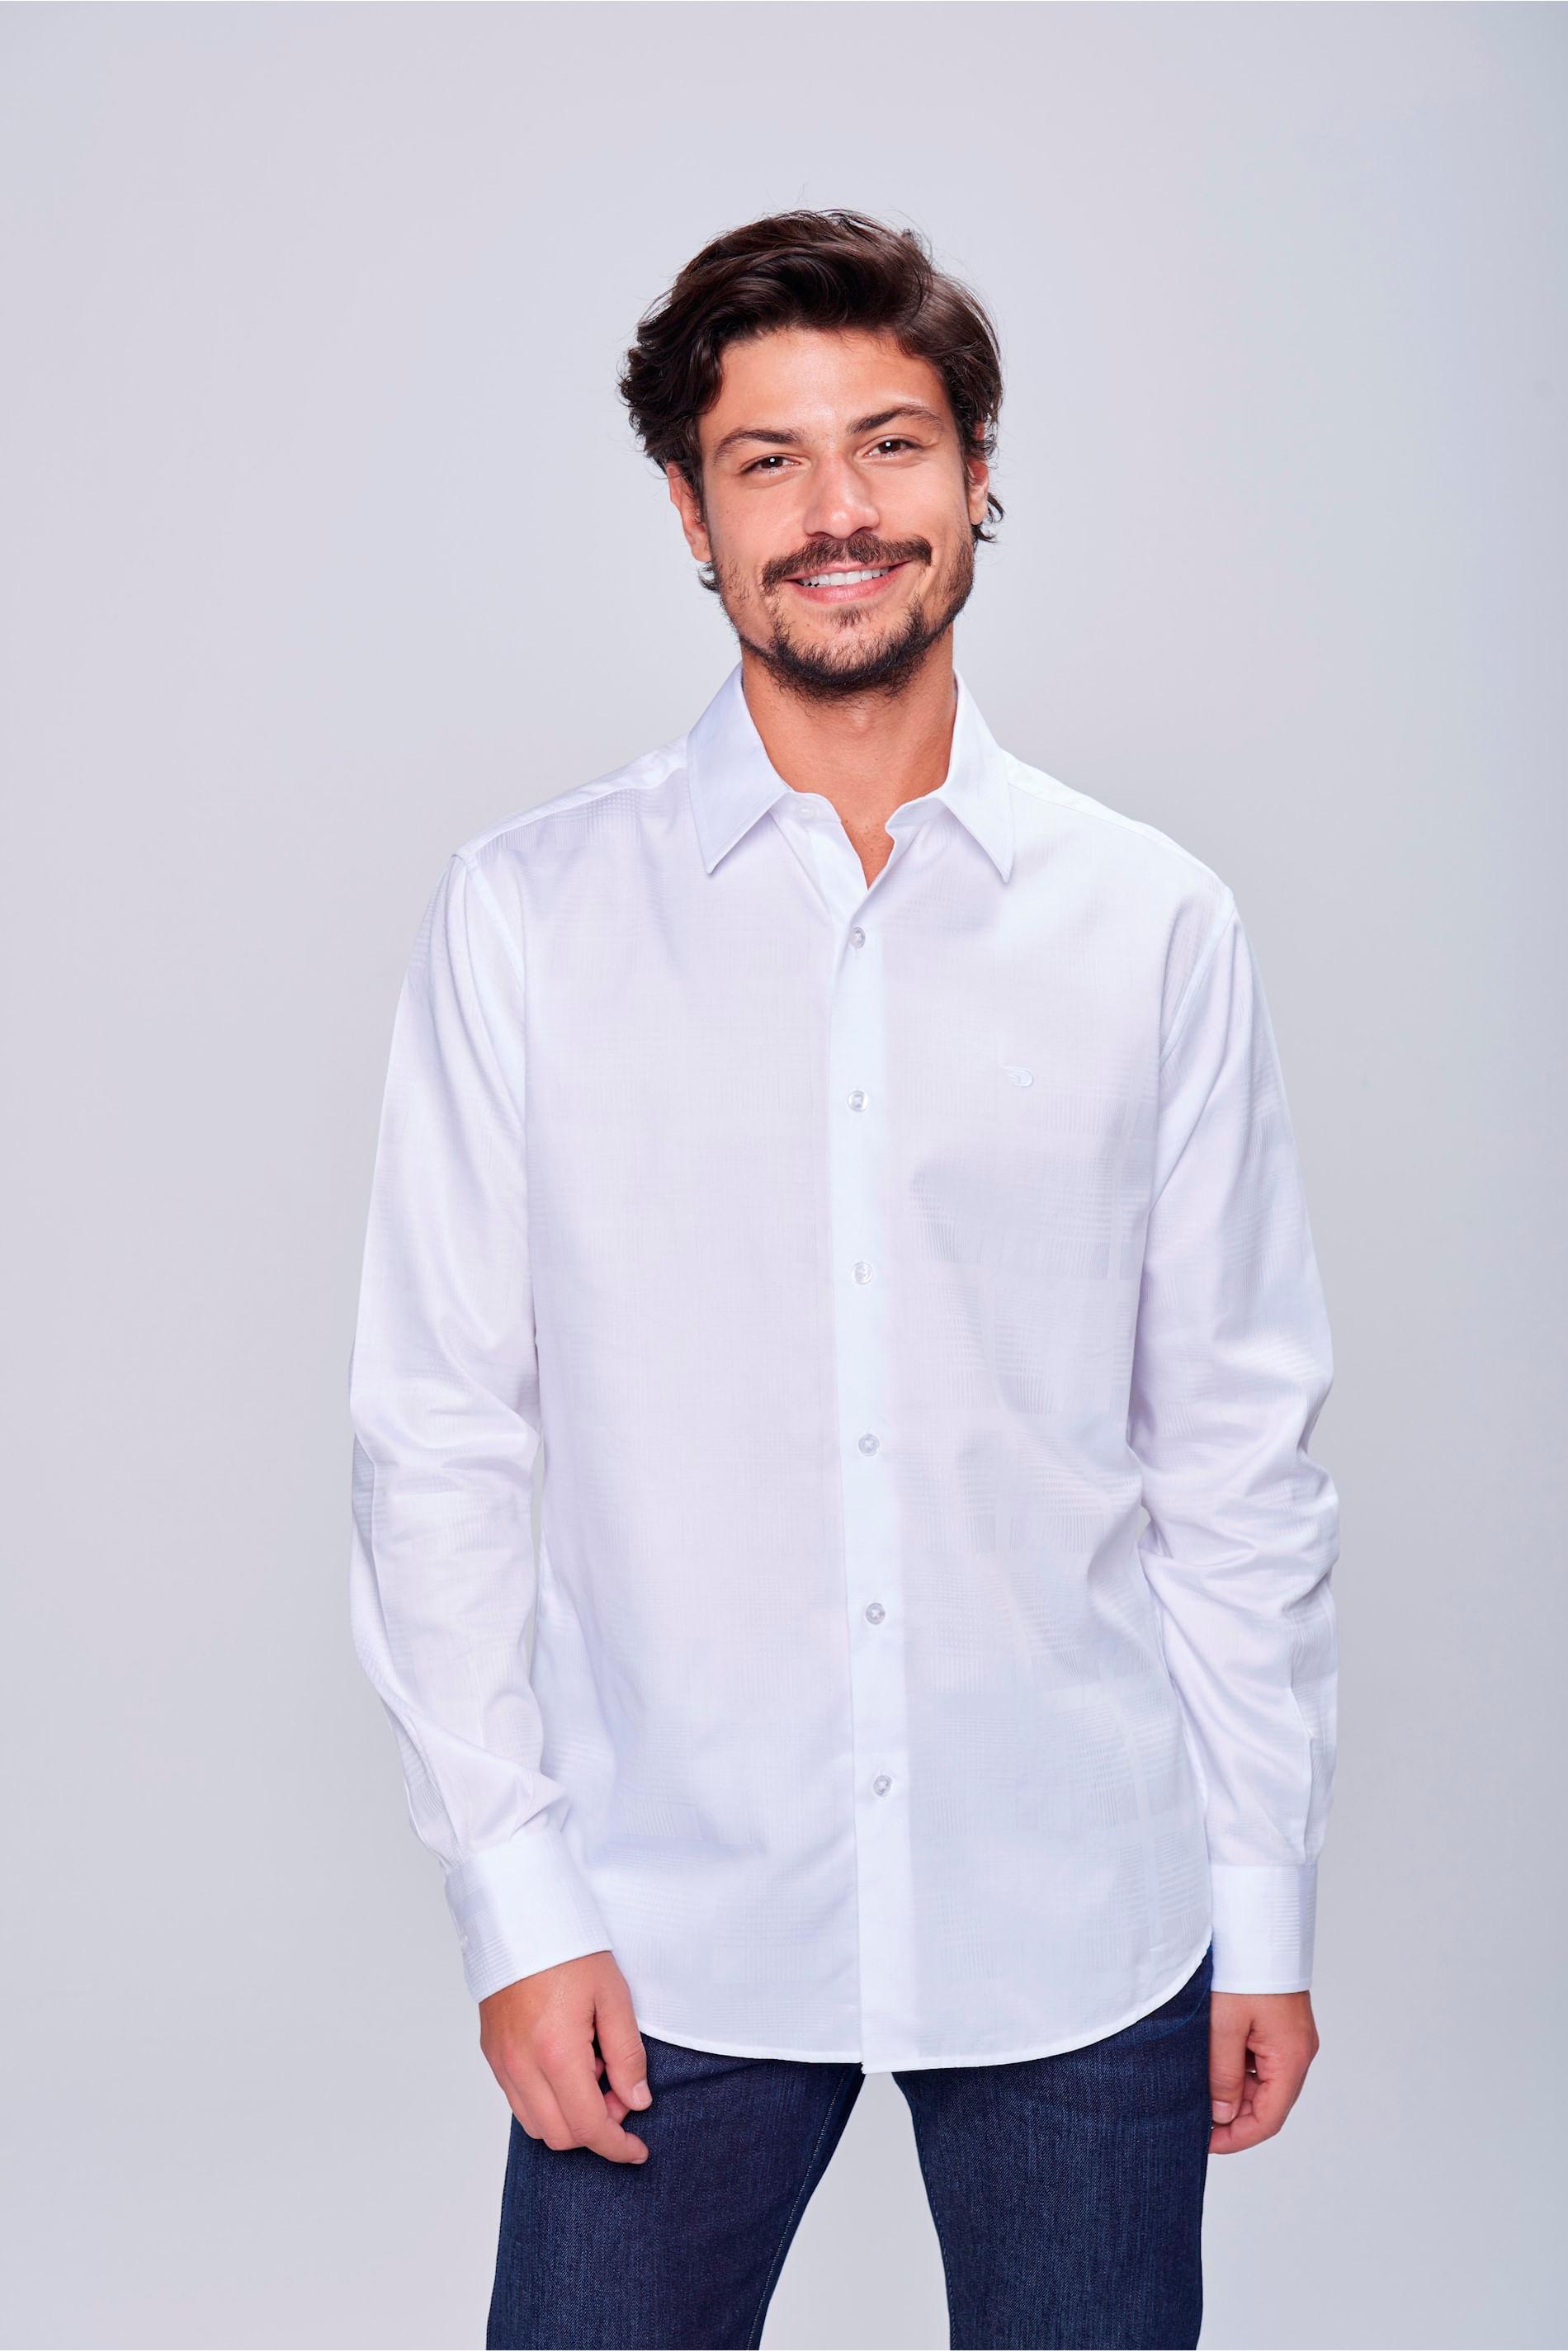 Camisa Social Branca de Algodão Peruano - Damyller 186d3c44620fb